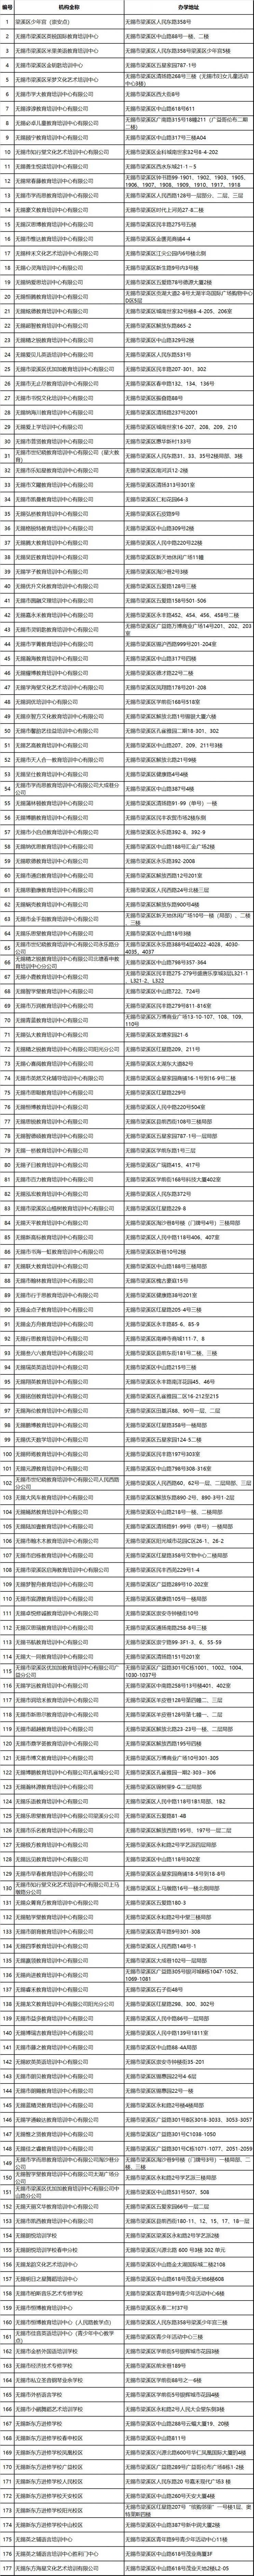 2020无锡梁溪区首批校外培训机构复课名单